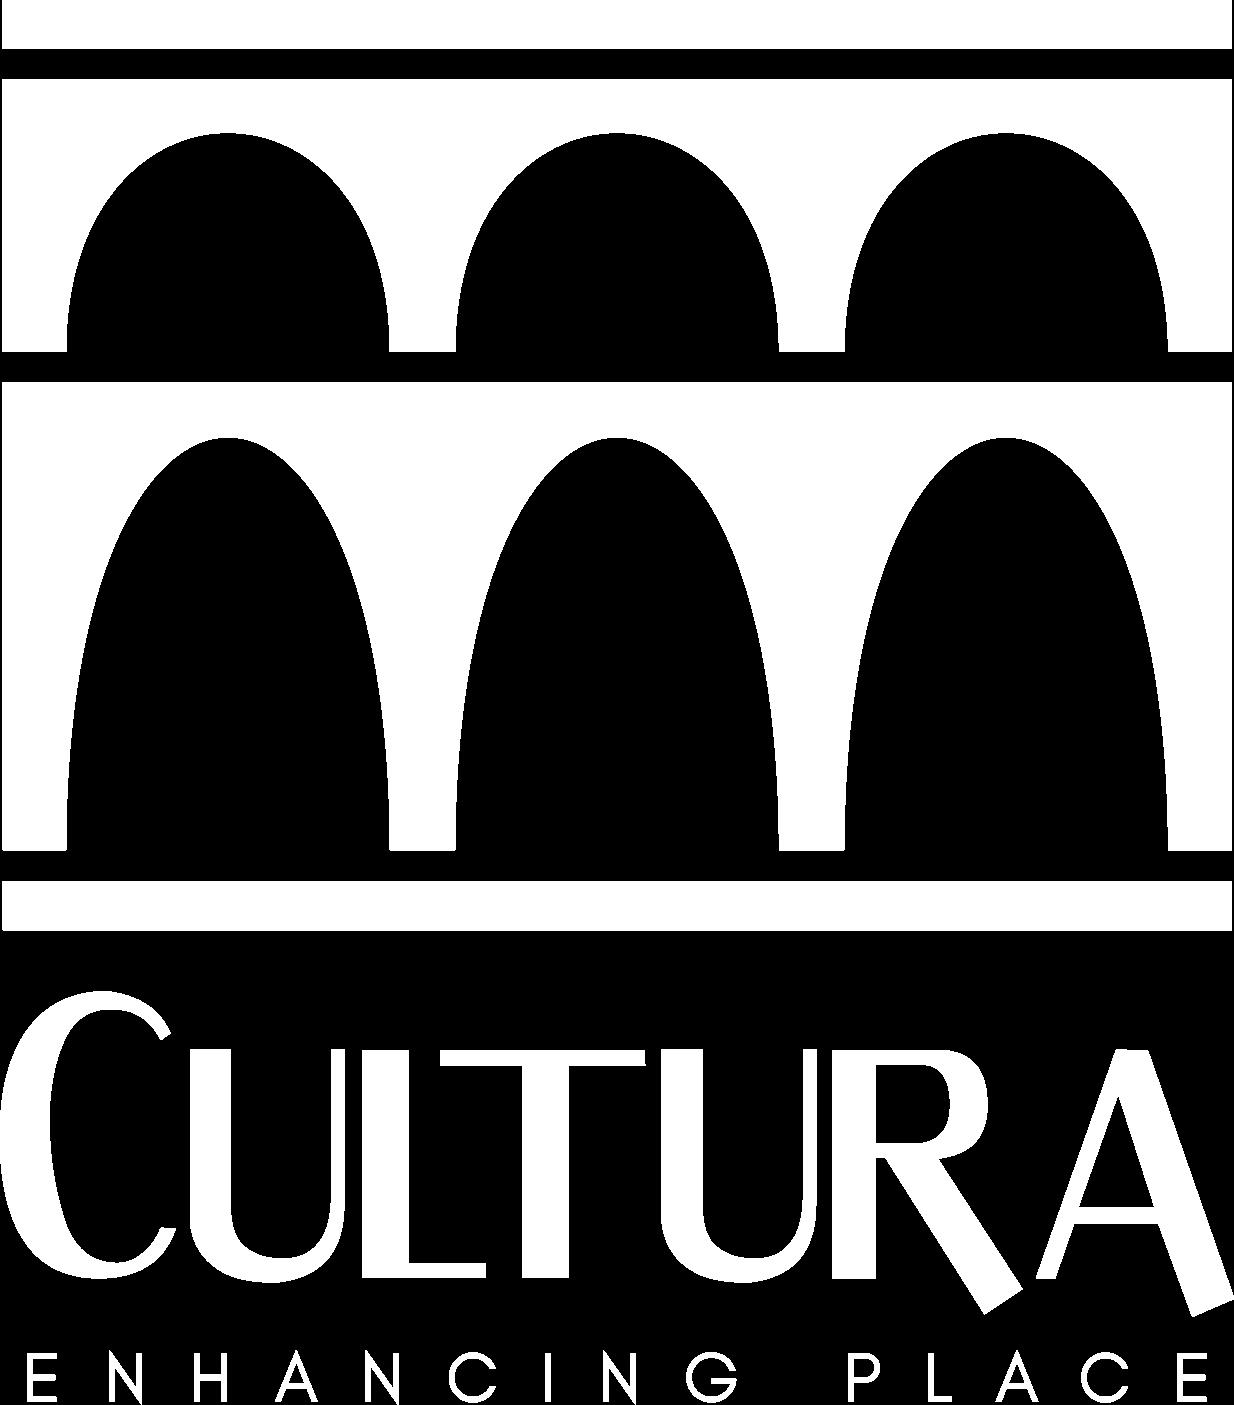 We Are Cultura